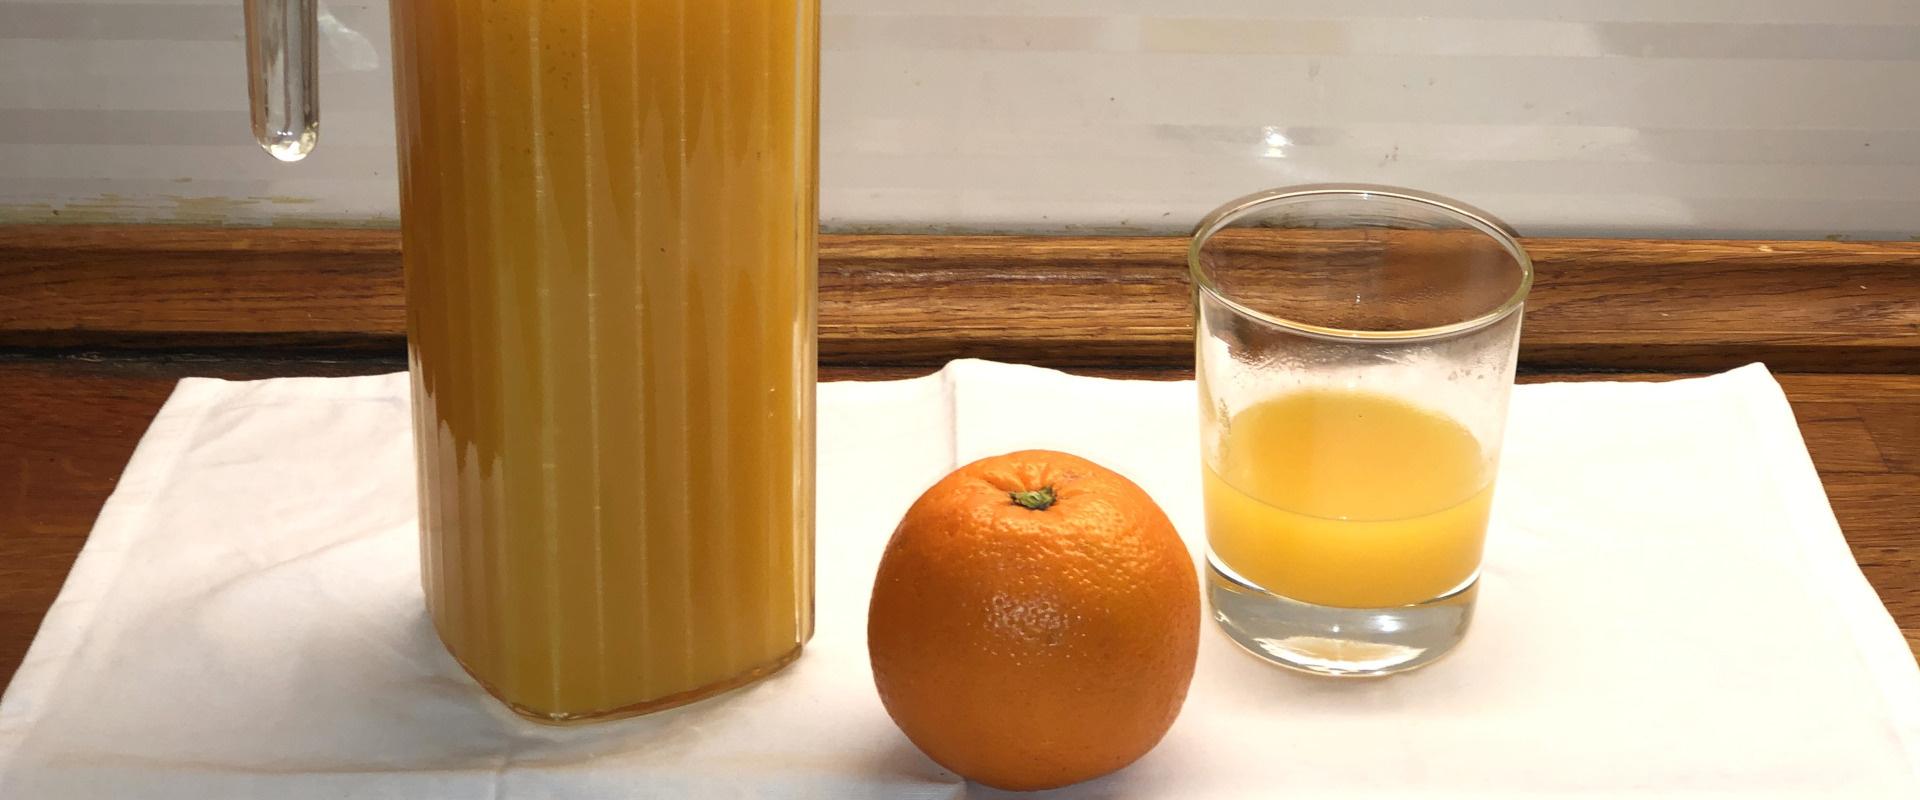 narancsszörp